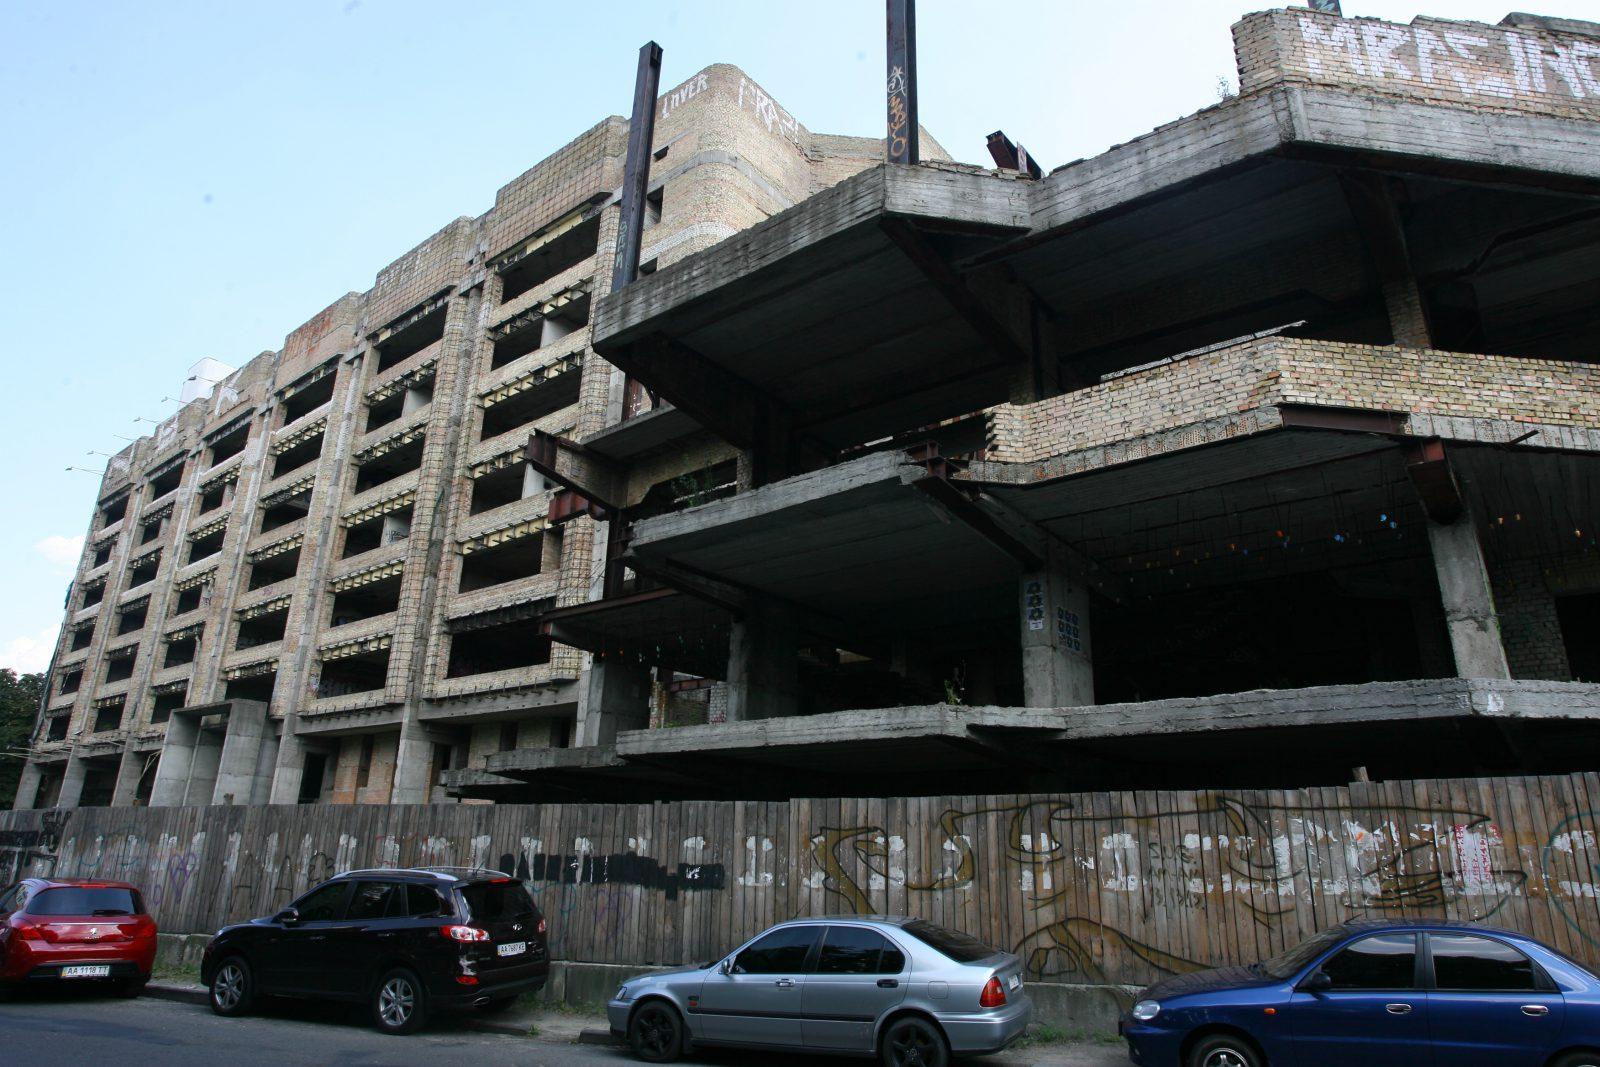 Киев остановил строительство 50 незаконных объектов и демонтировал 5 в 2015